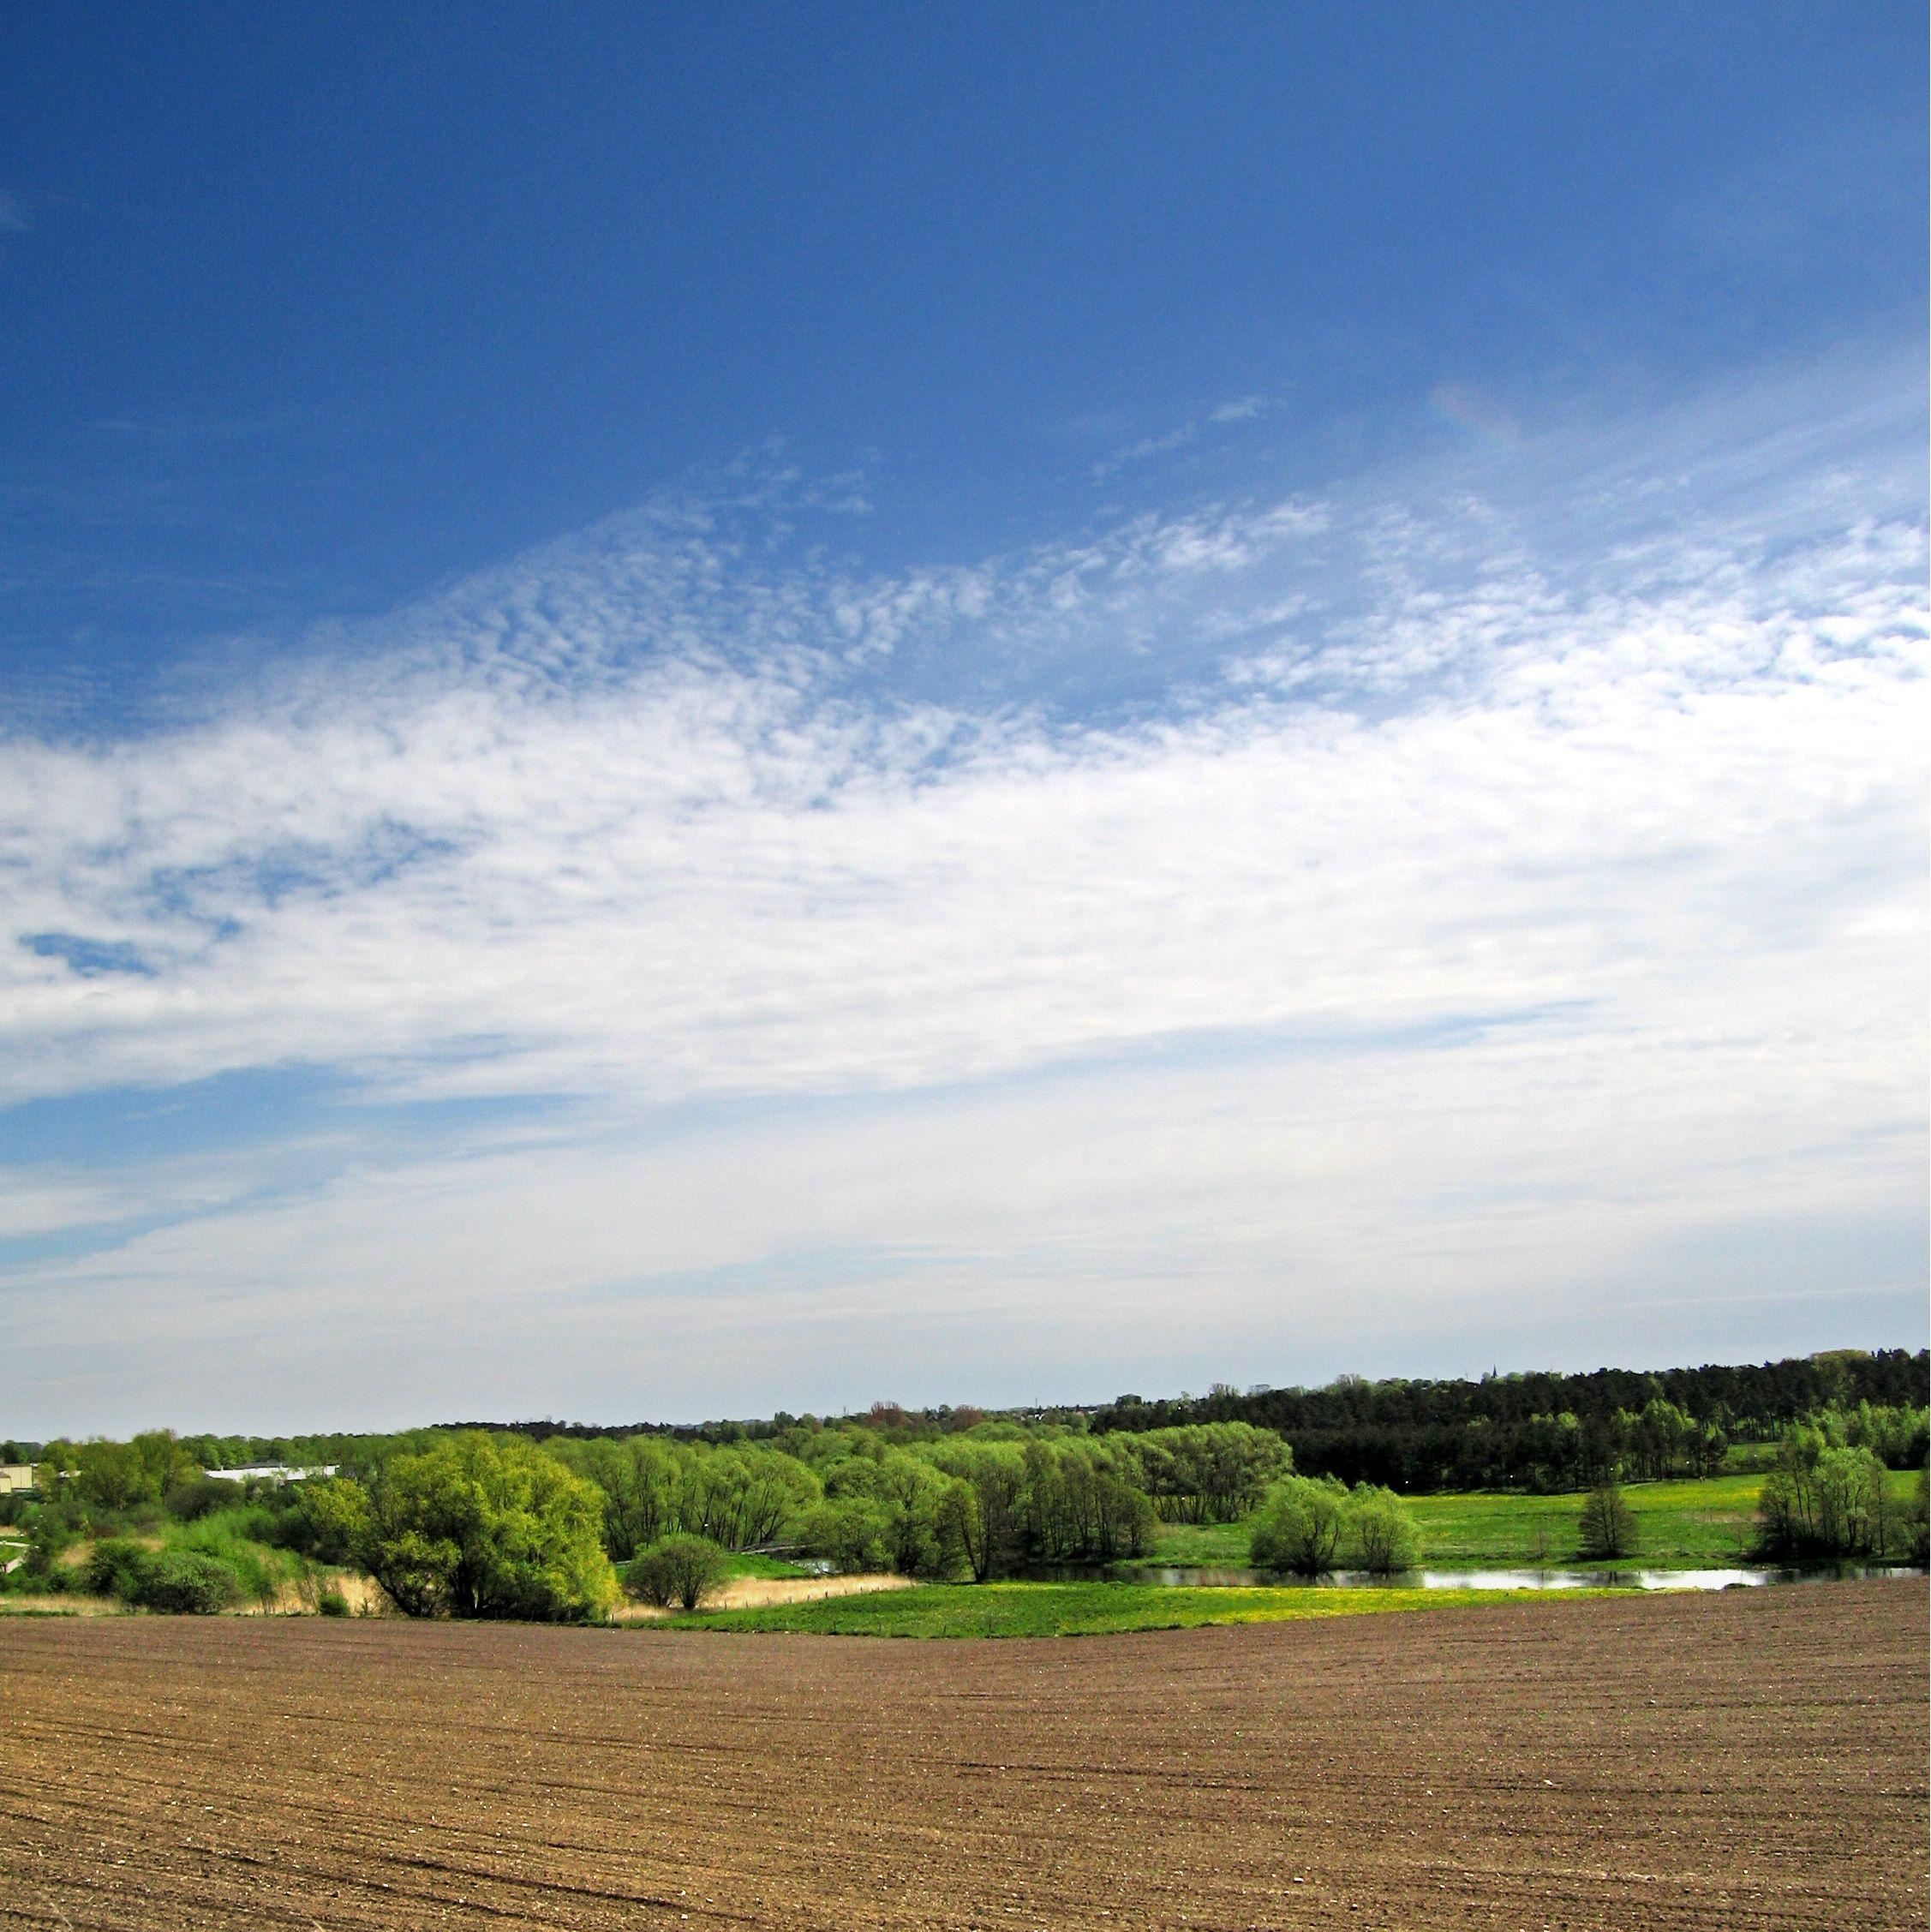 © Kävlinge kommun, Vy över Vikenområdet i Furulund